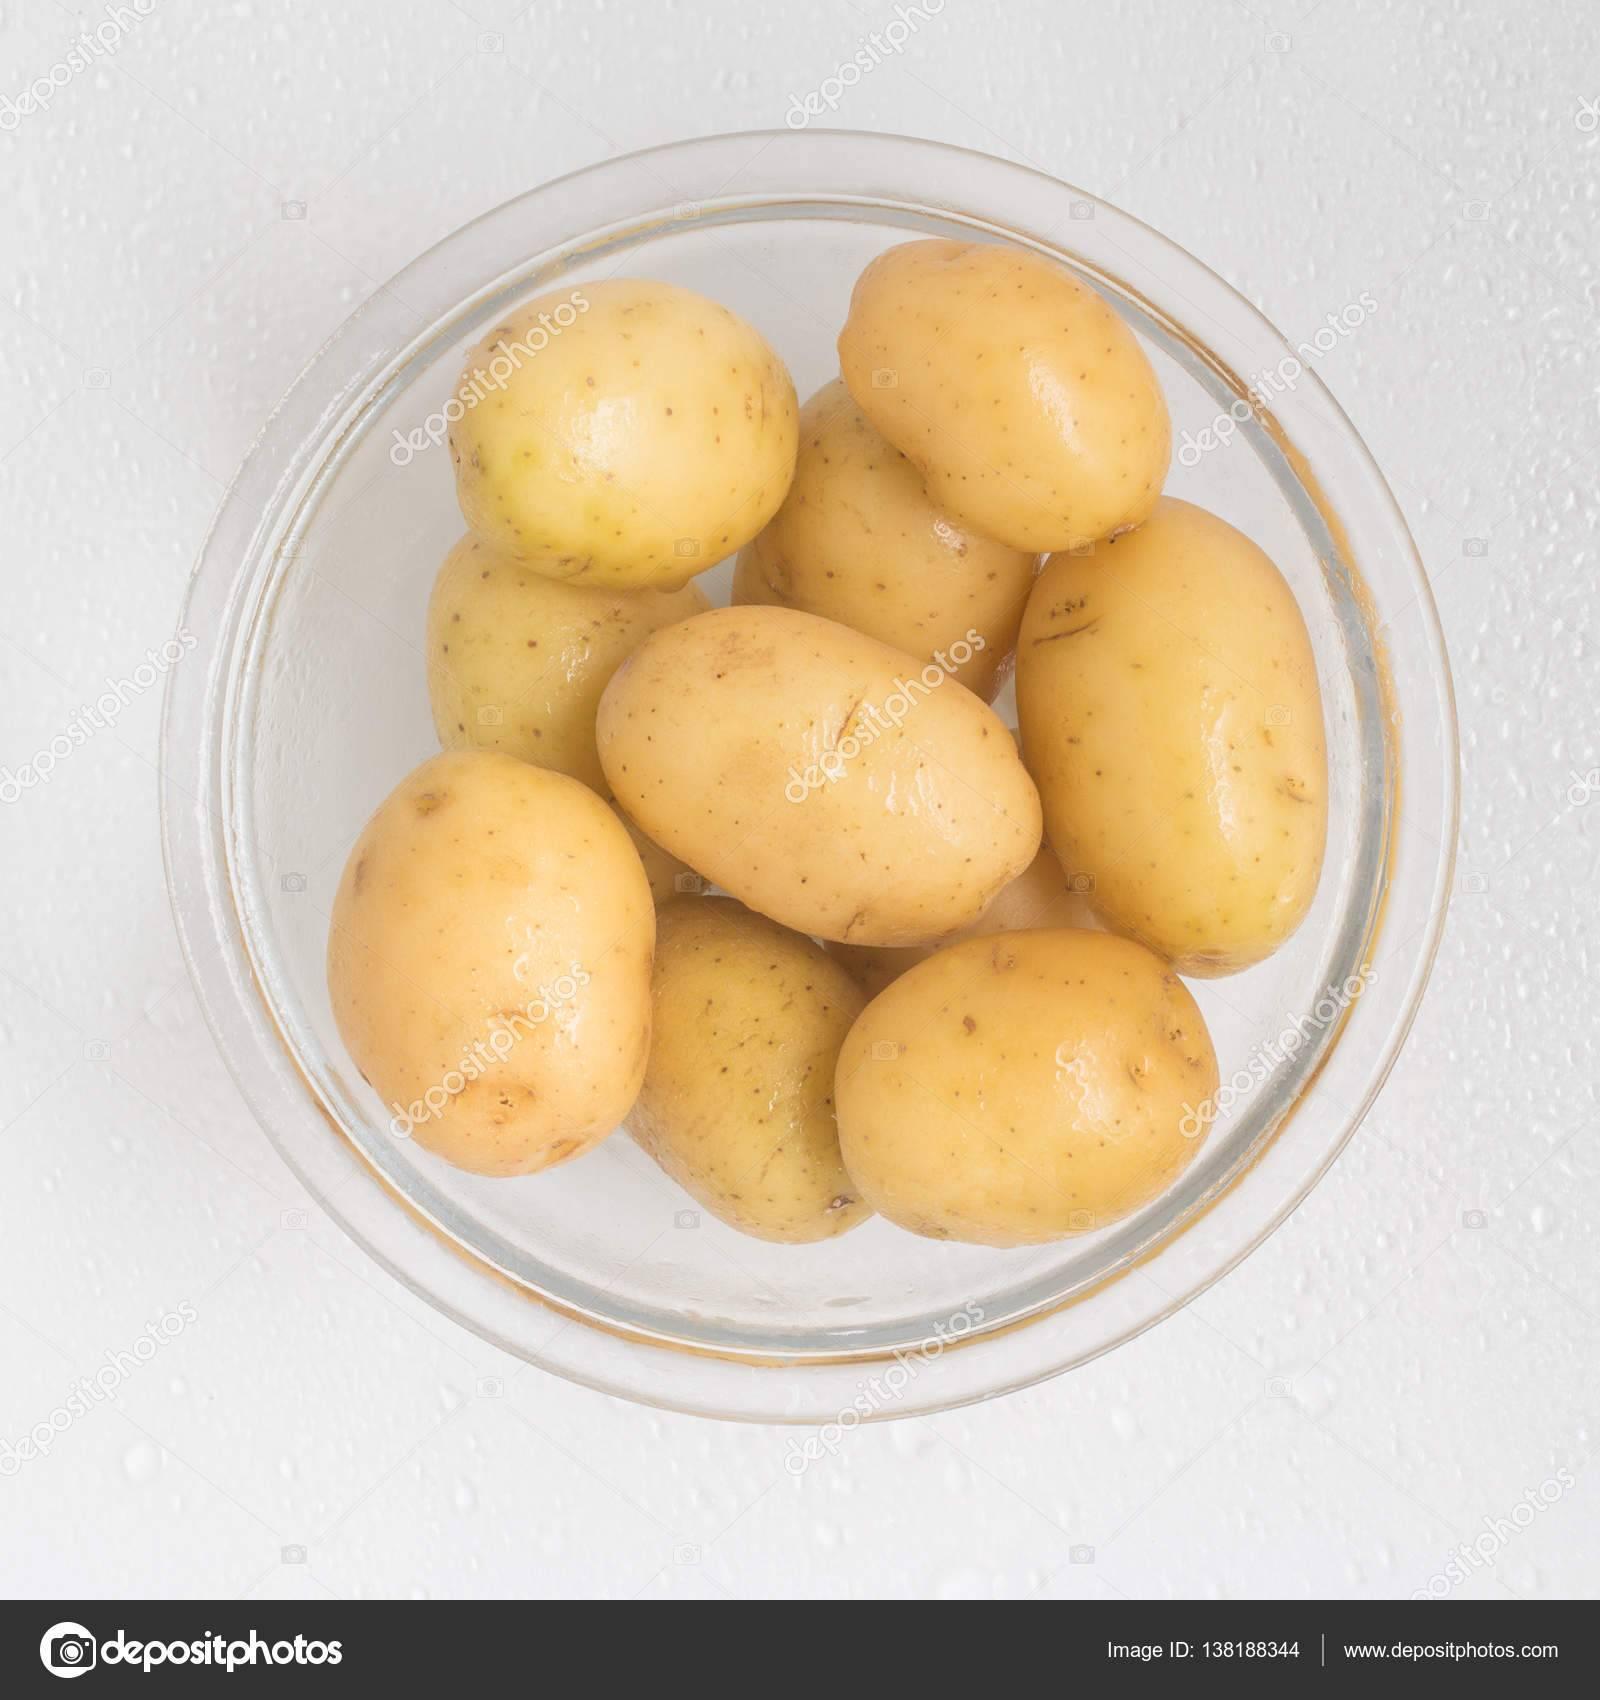 Картофель ред соня: описание и характеристика сорта